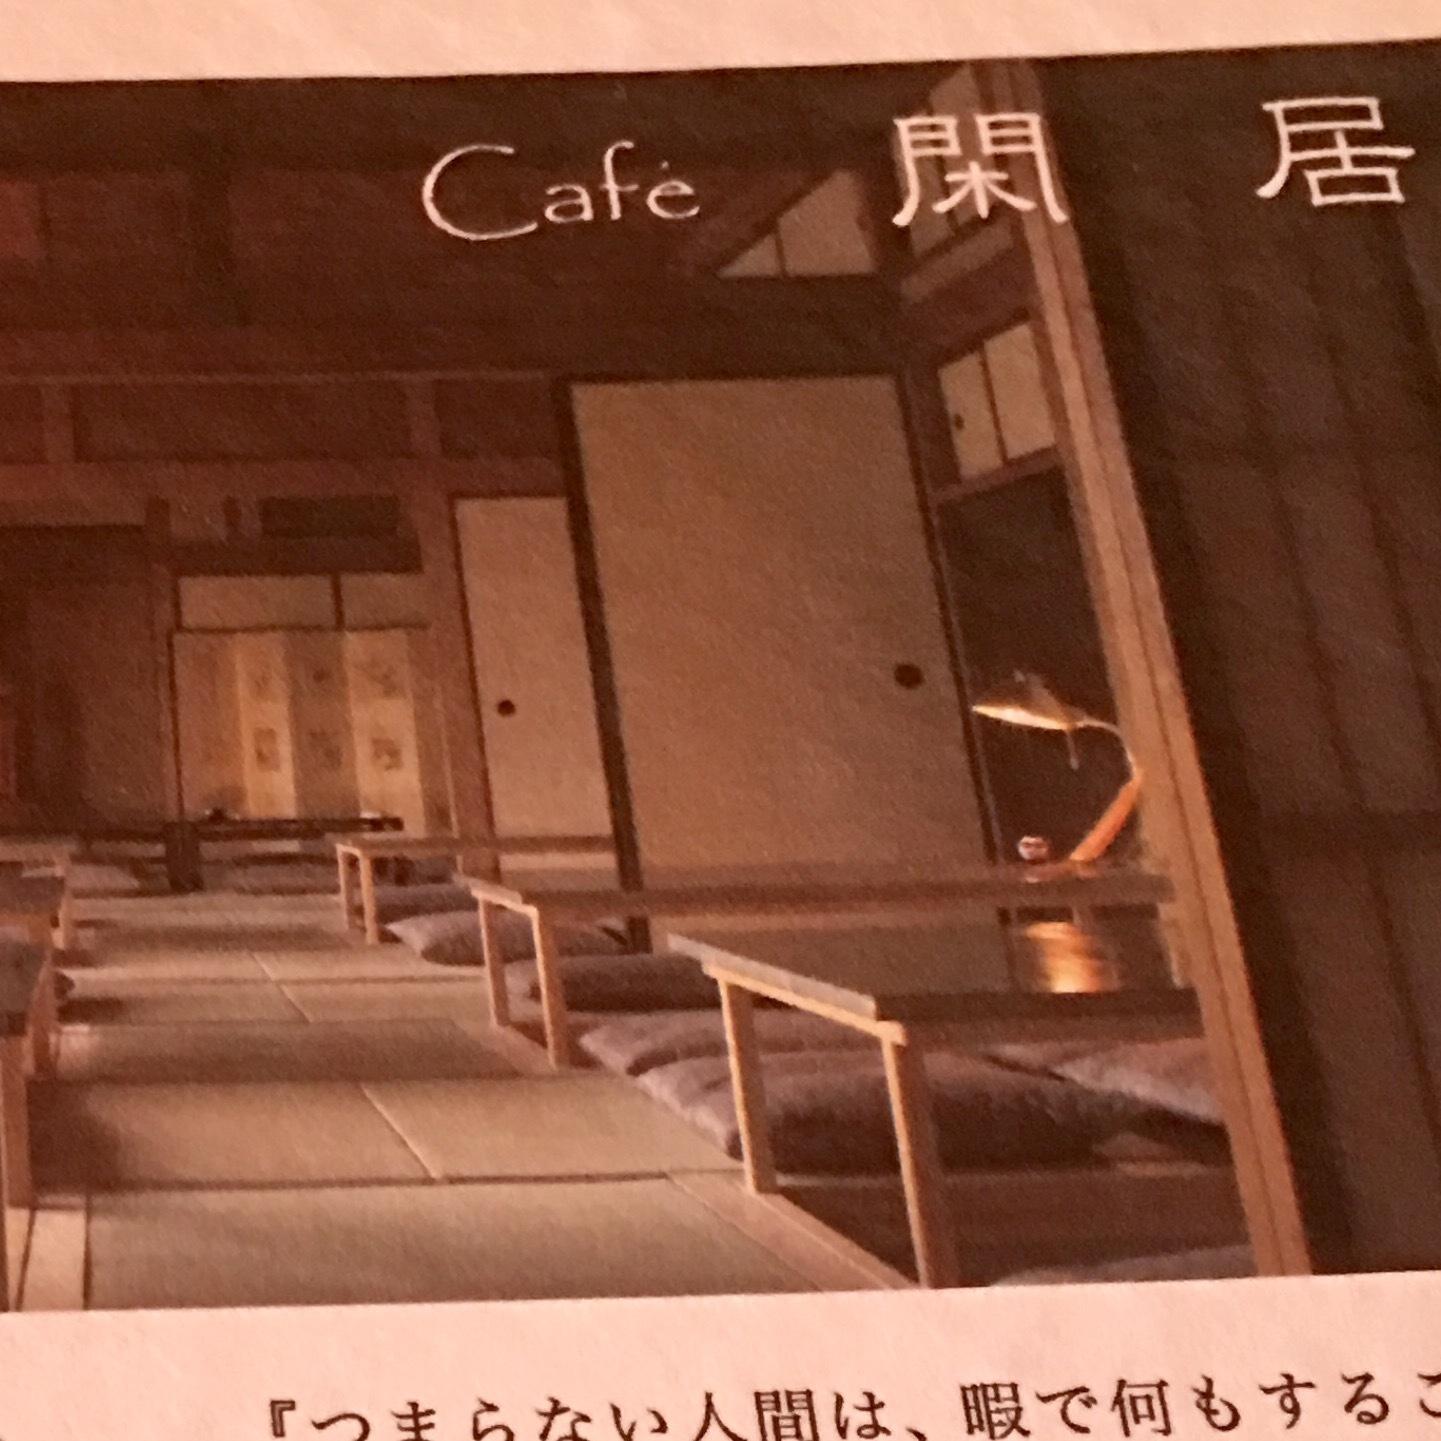 行田のカフェ閑居さんでランチ_c0366722_13422001.jpeg